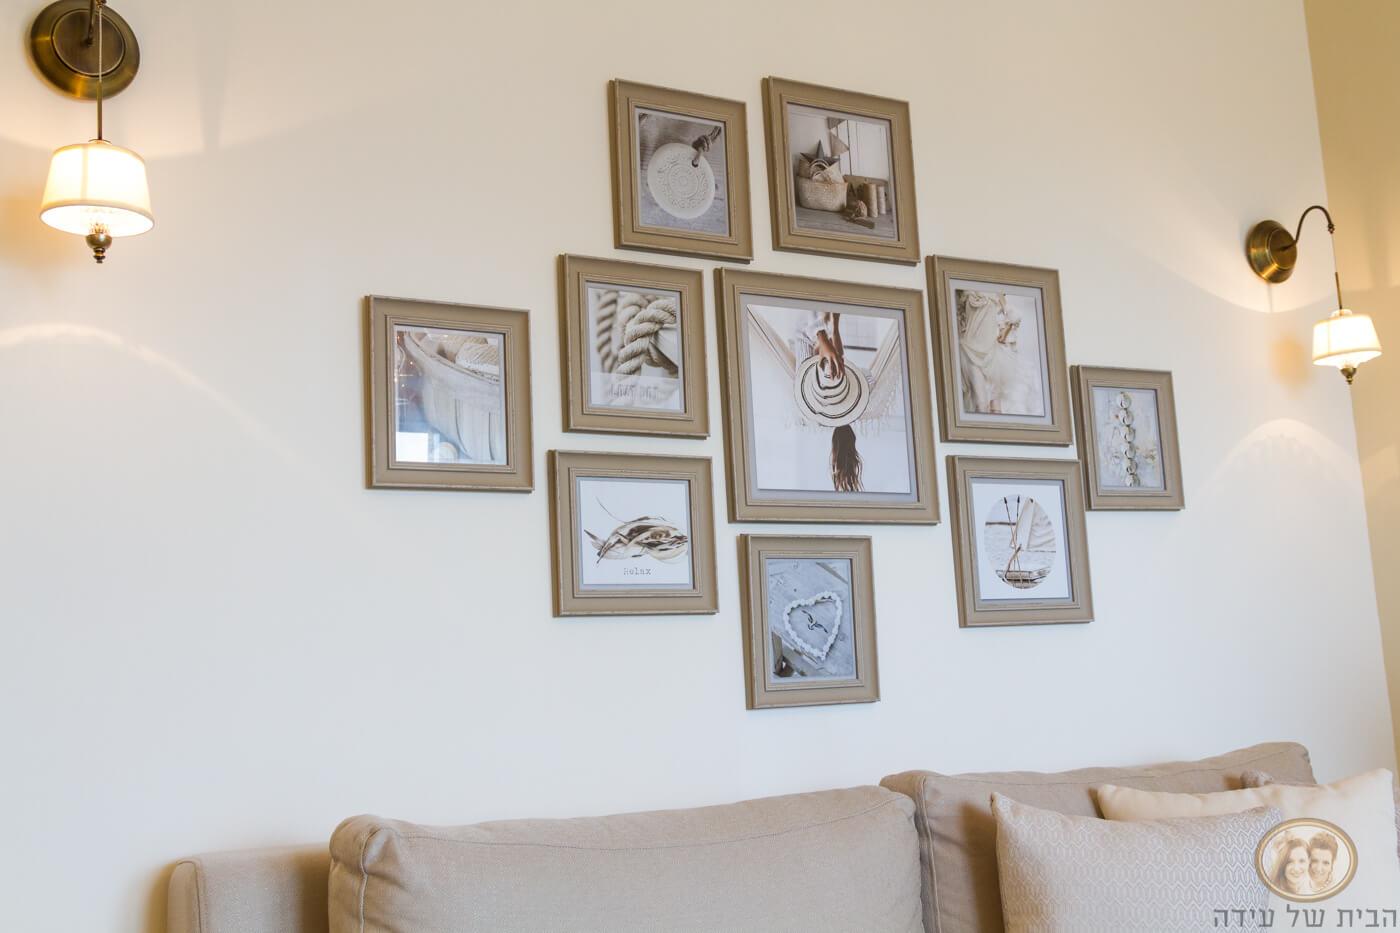 תמונות מעל הספה